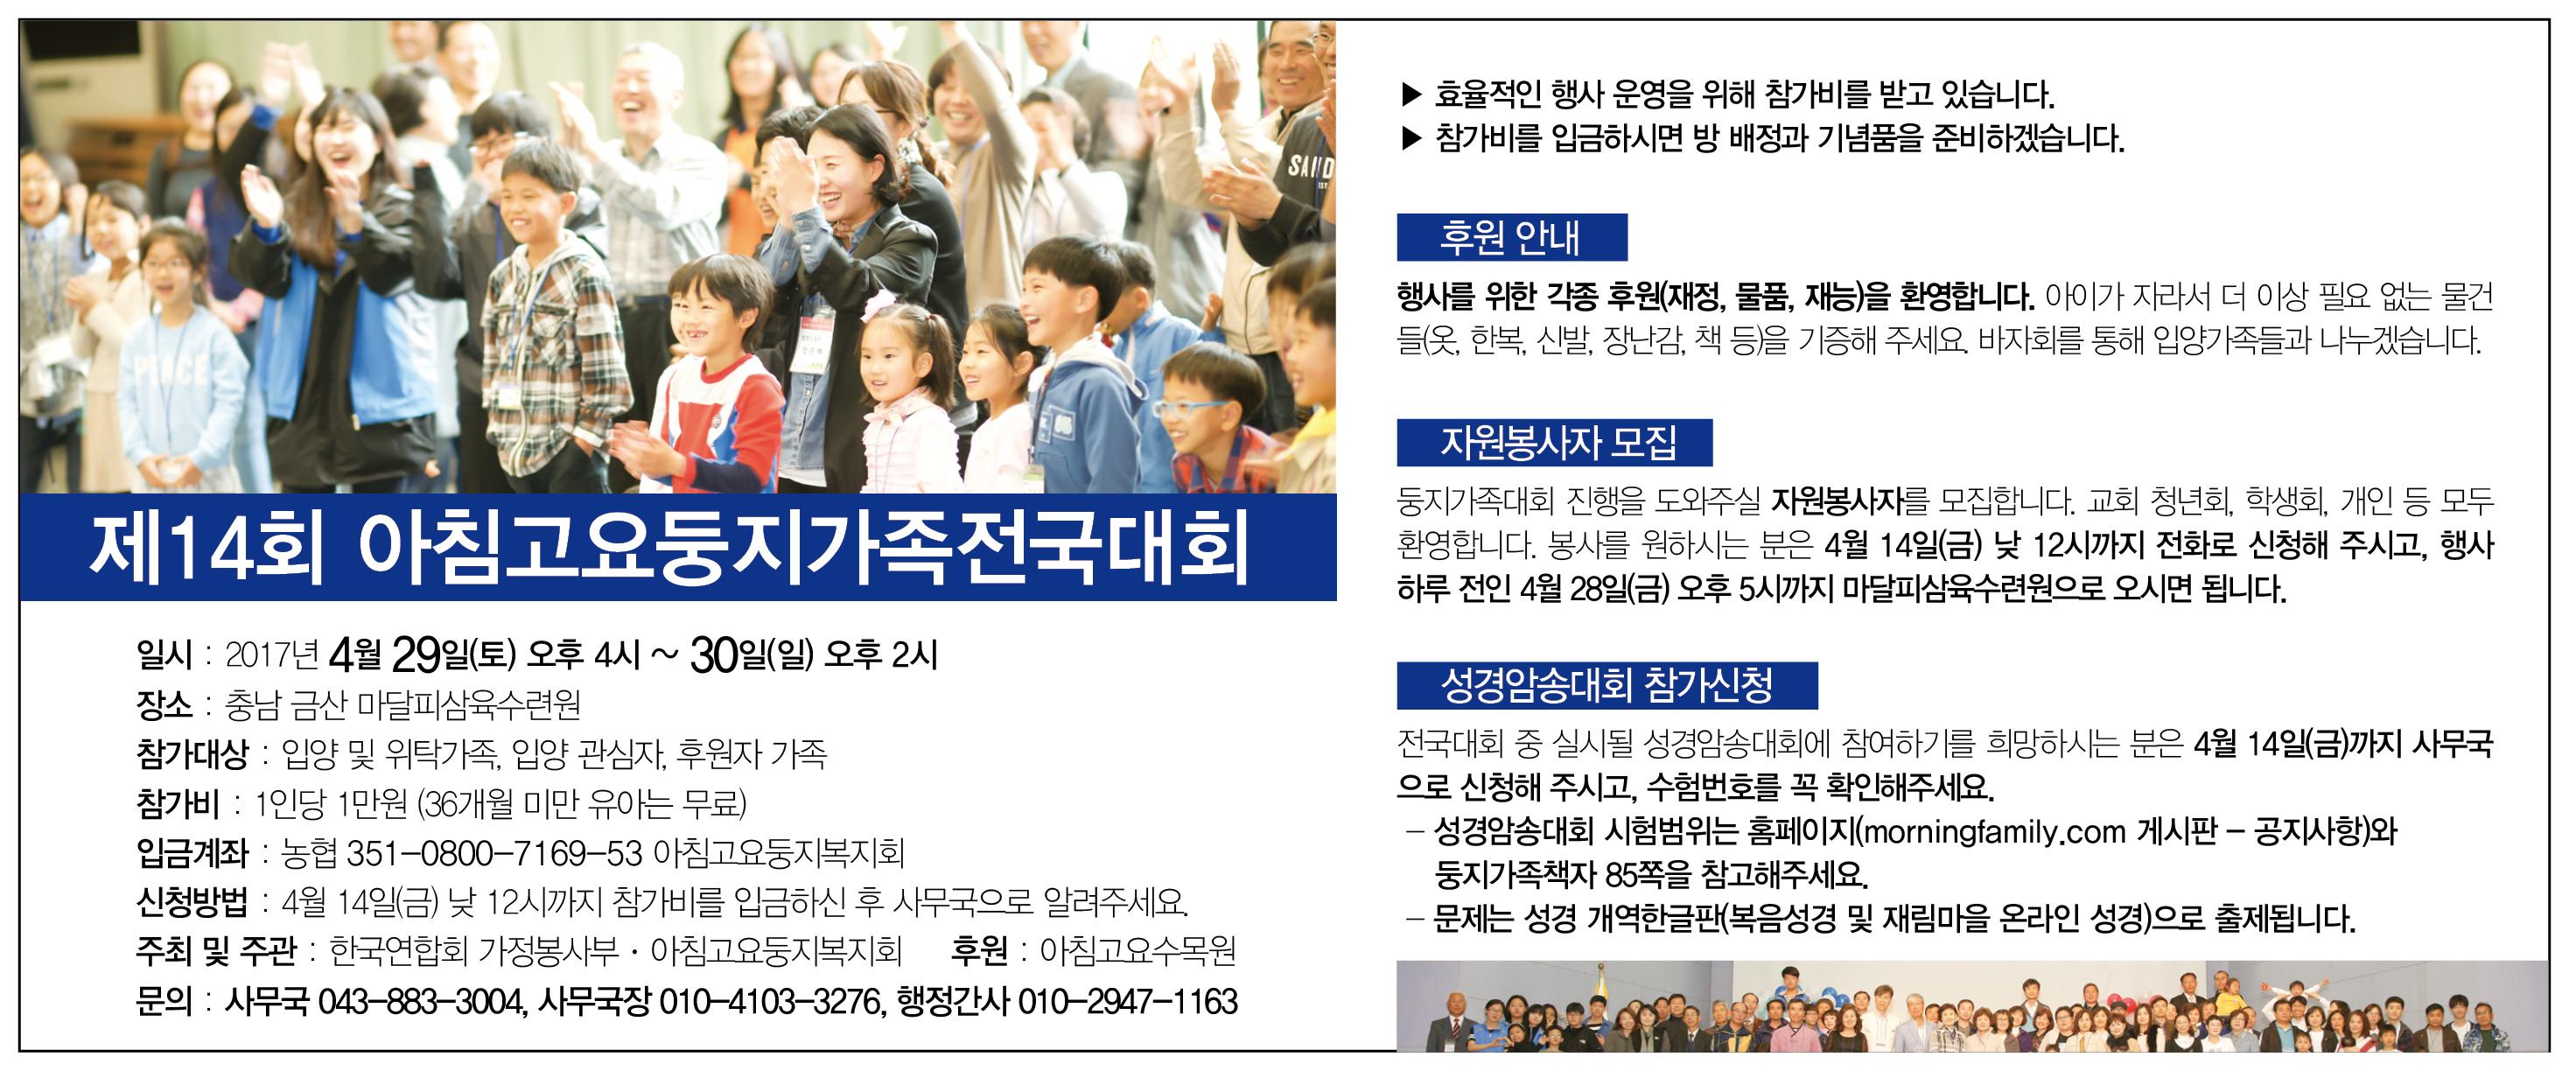 제14회 아침고요둥지가족전국대회.jpg